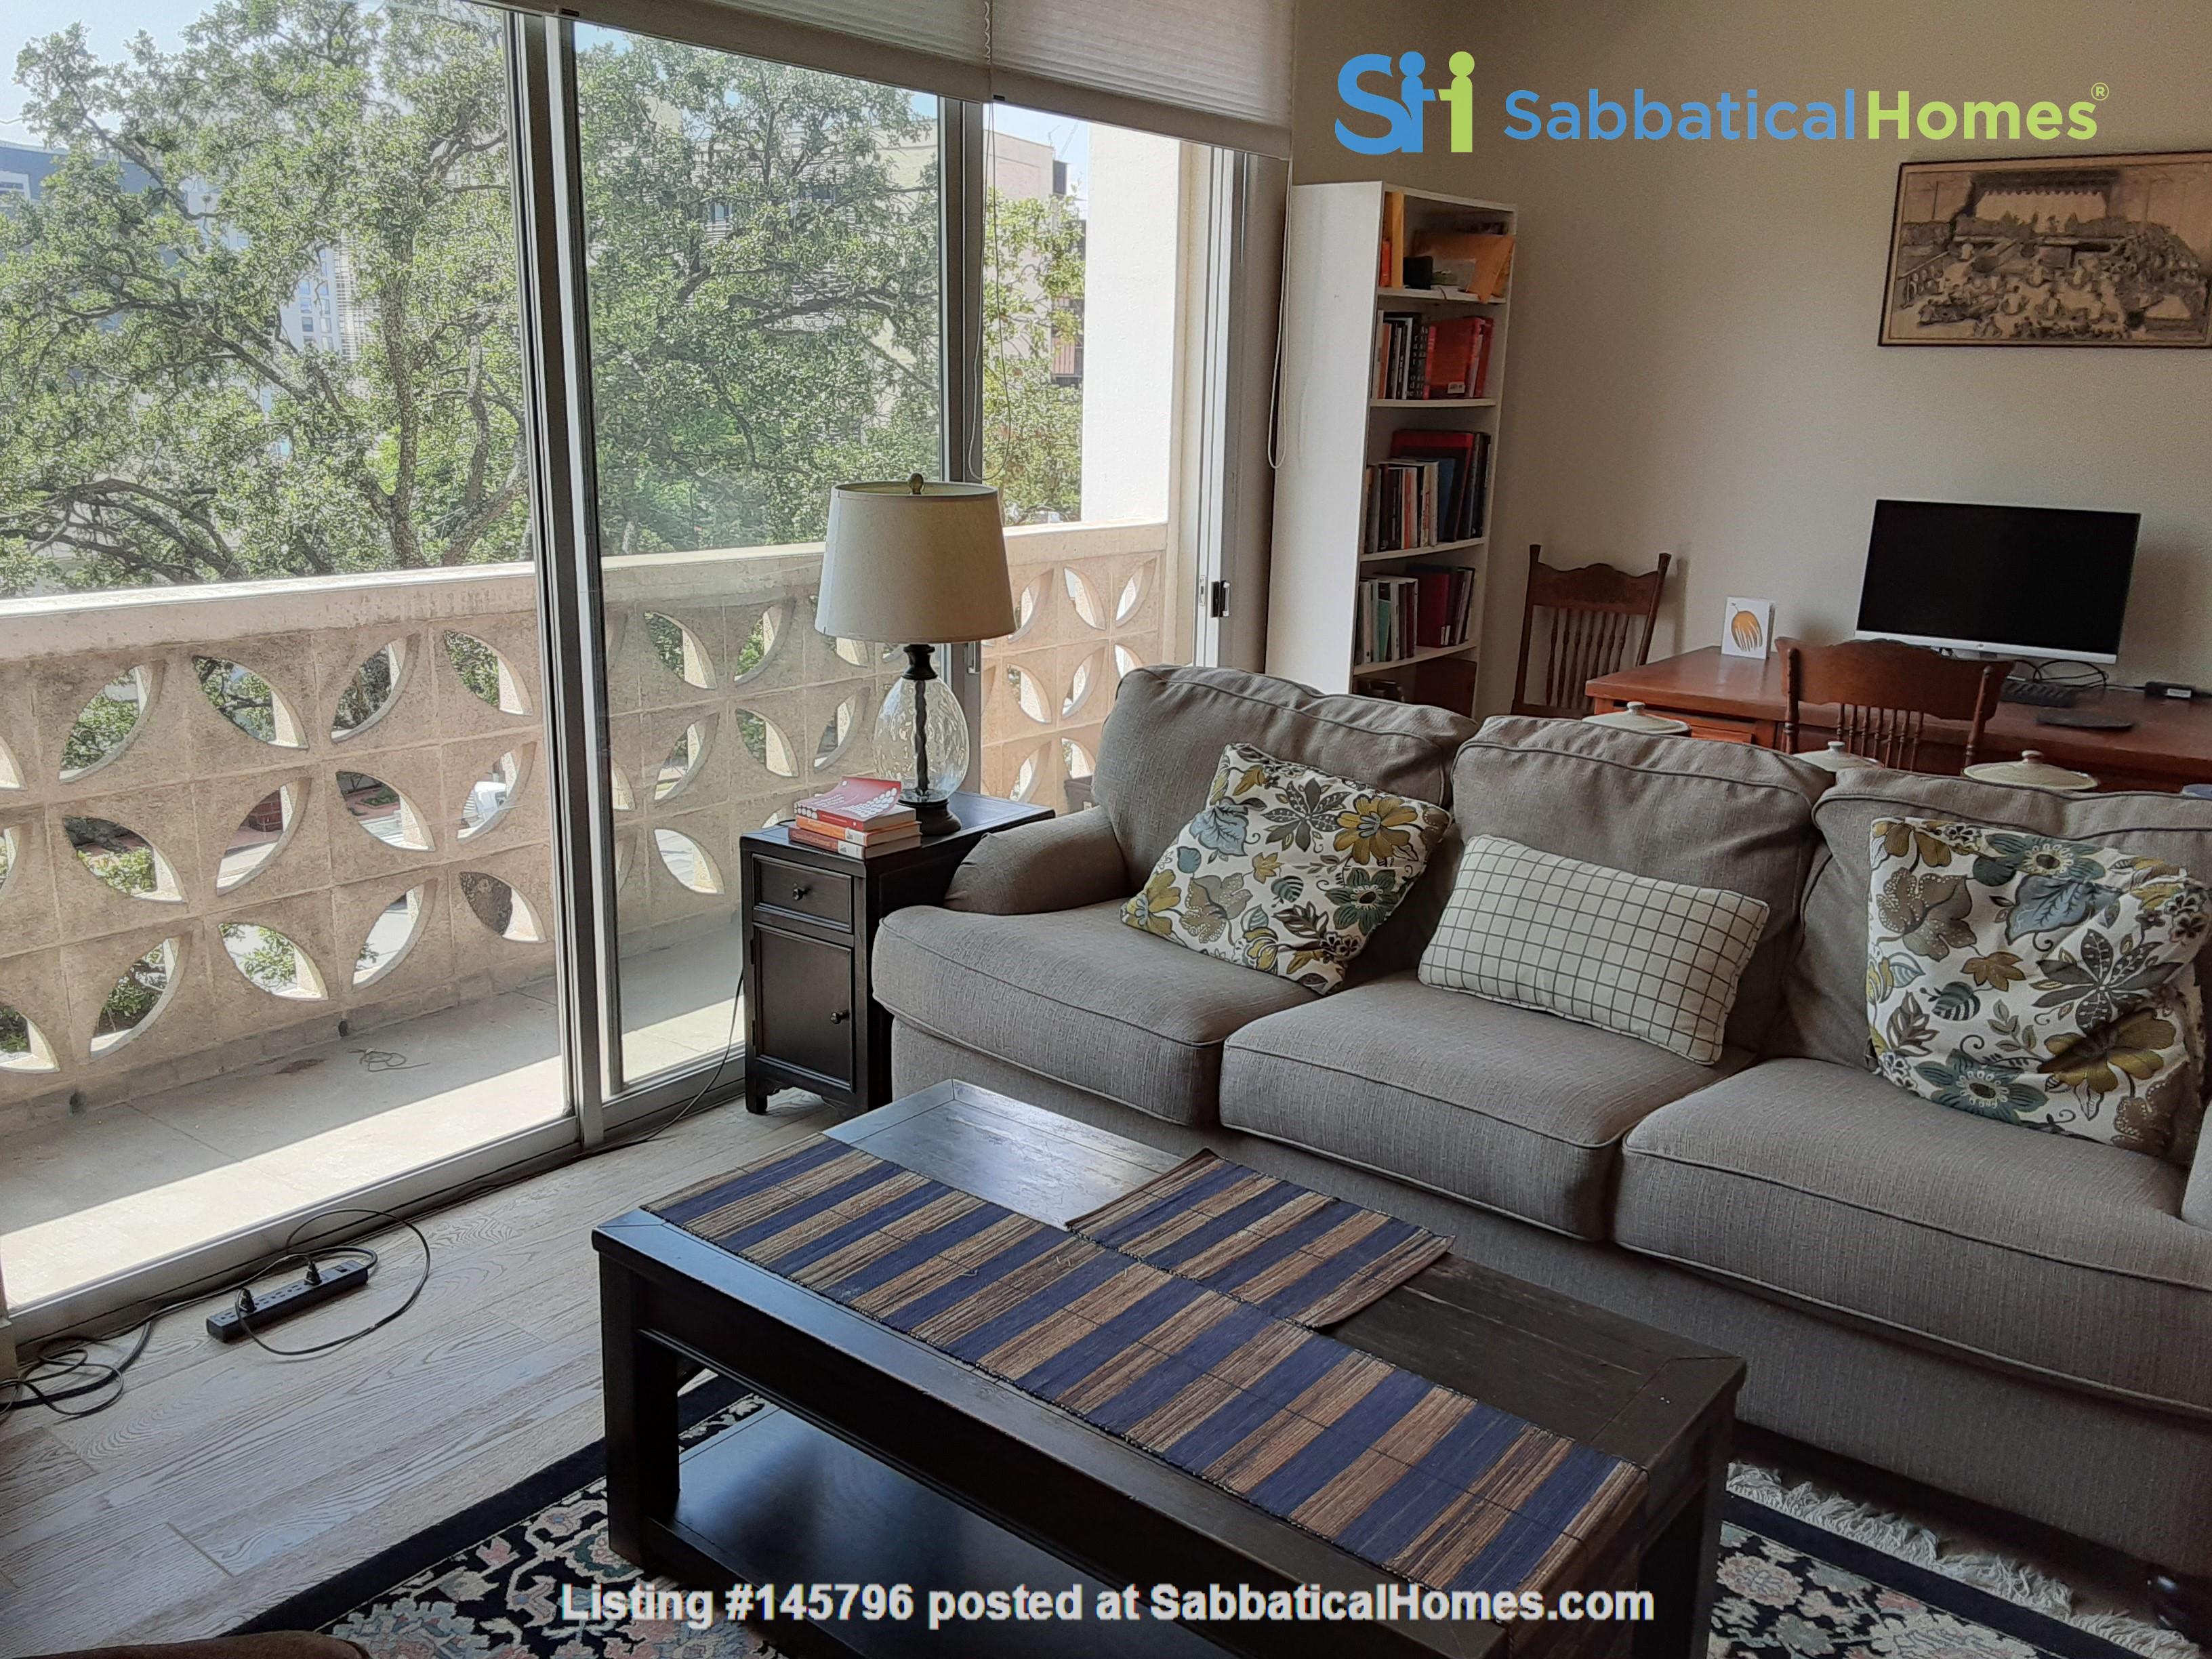 Airy 2-bd, 2-bth condominium facing UT campus. Home Rental in Austin 0